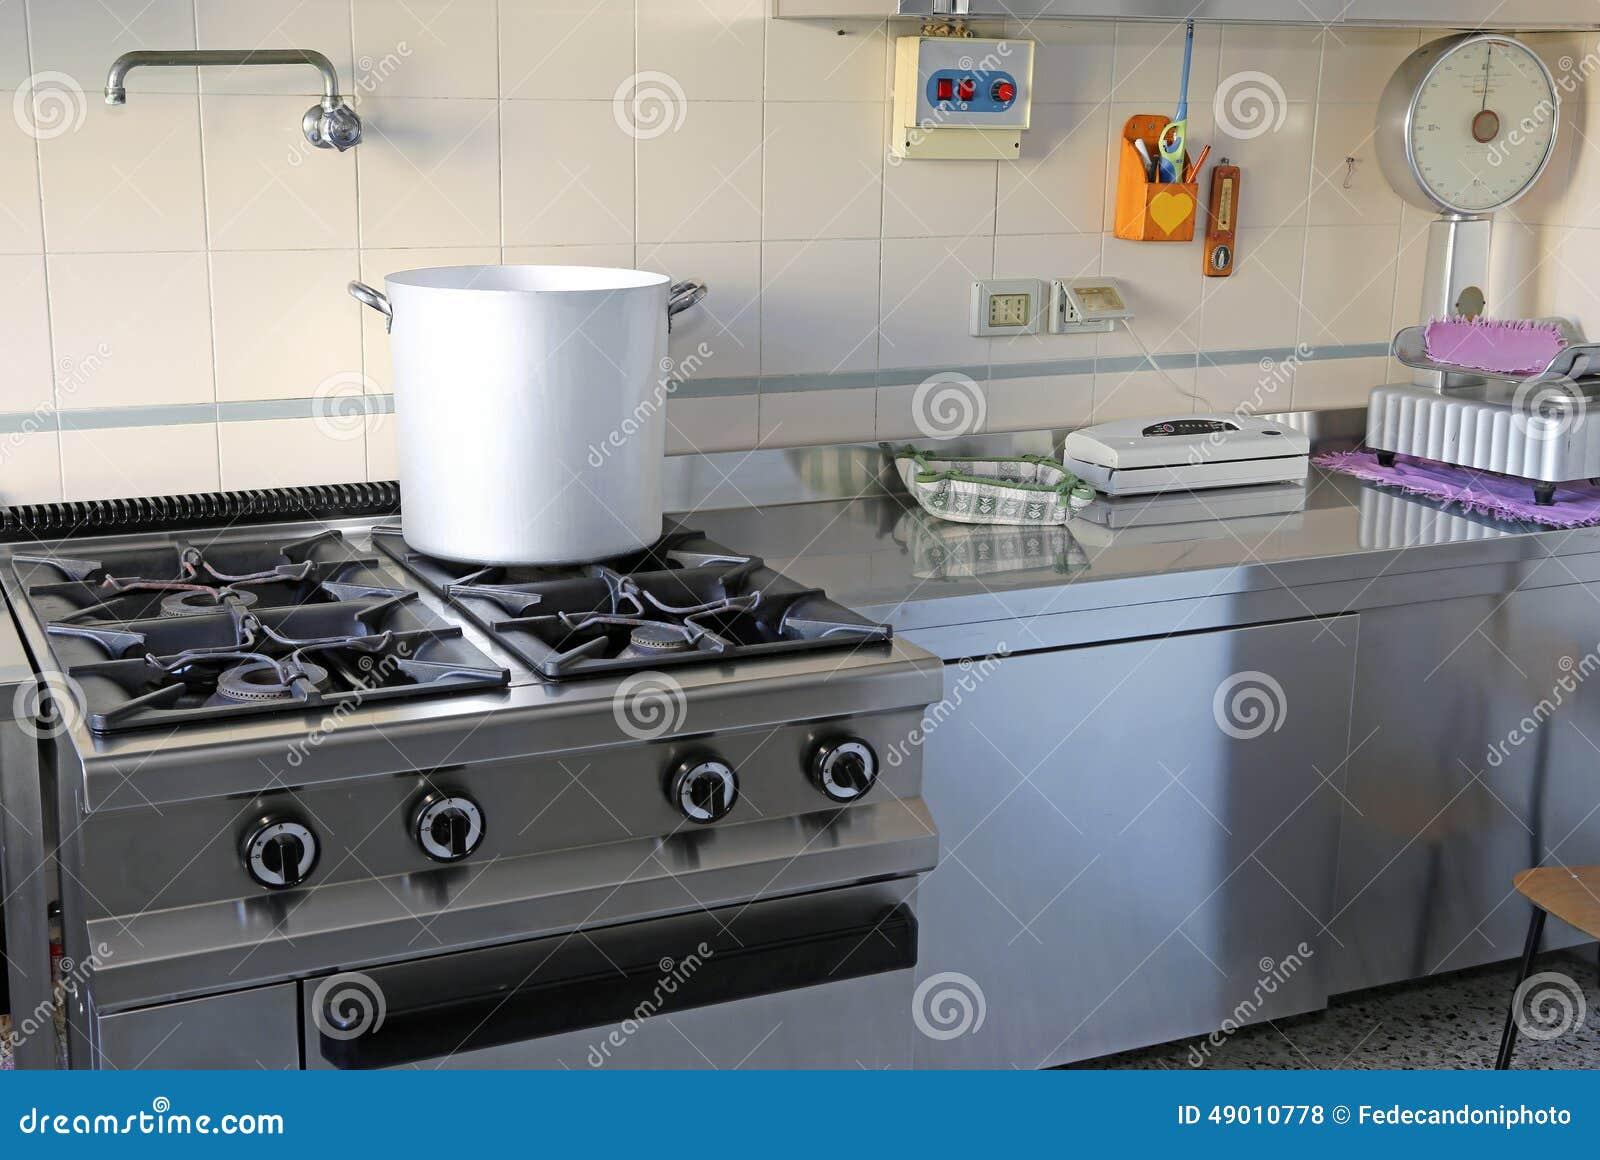 Industrielle Küche Mit Gasherd Und Dem Riesigen Aluminiumtopf ...